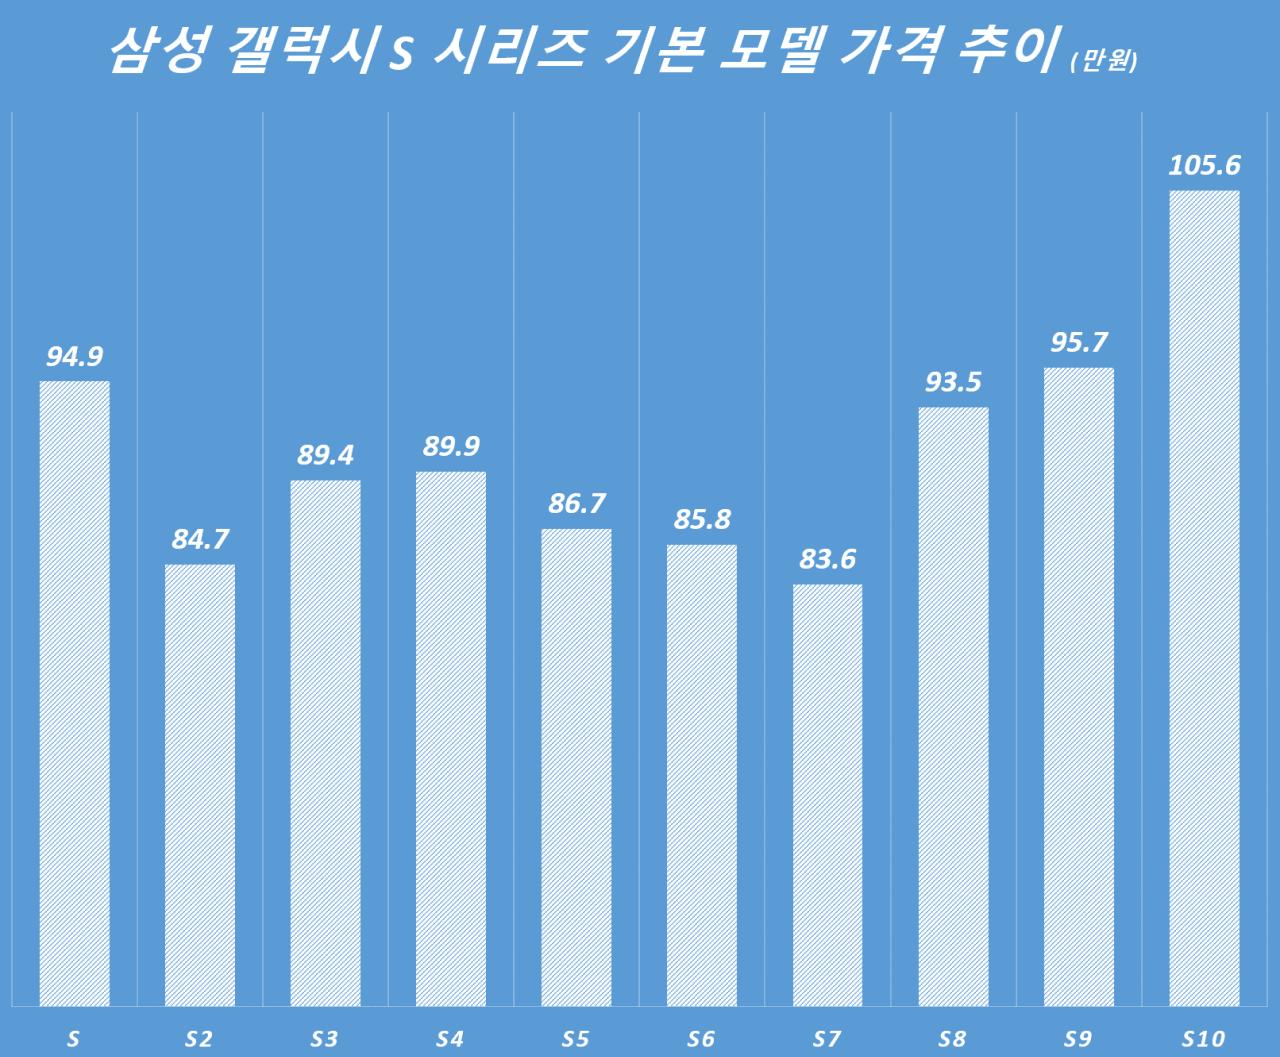 갤럭시 S 시리즈별 기본 모델 가격 추이, 갤럭시 S ~ 갤럭시 S10까지, Graph by Happist